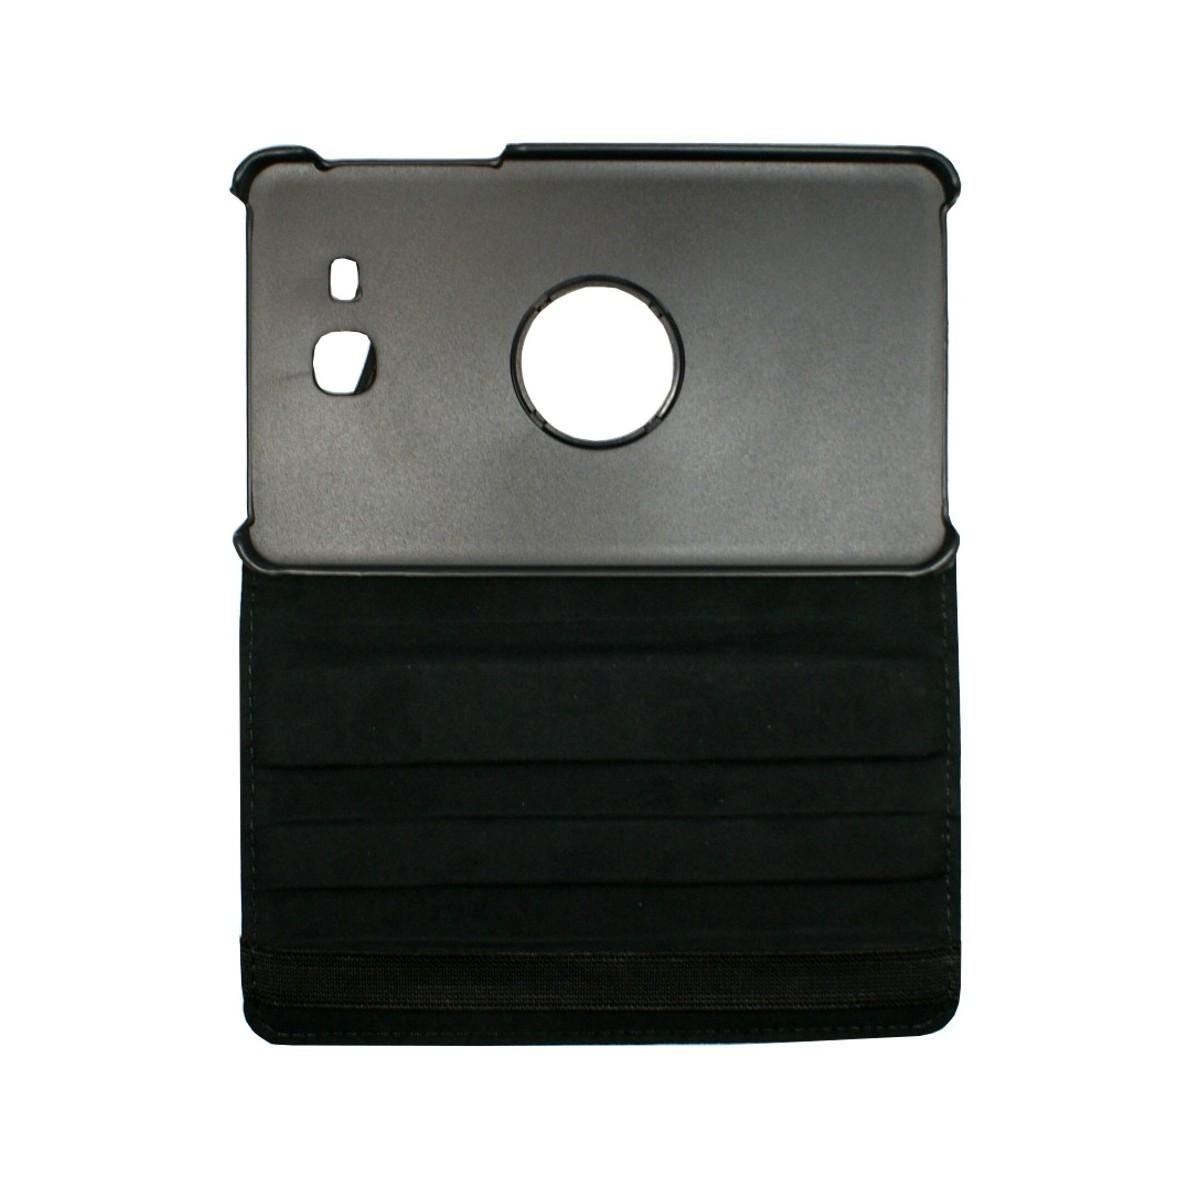 Etui Samsung Galaxy Tab A 7.0 (2016) Rotatif 360° Noir - Crazy kase